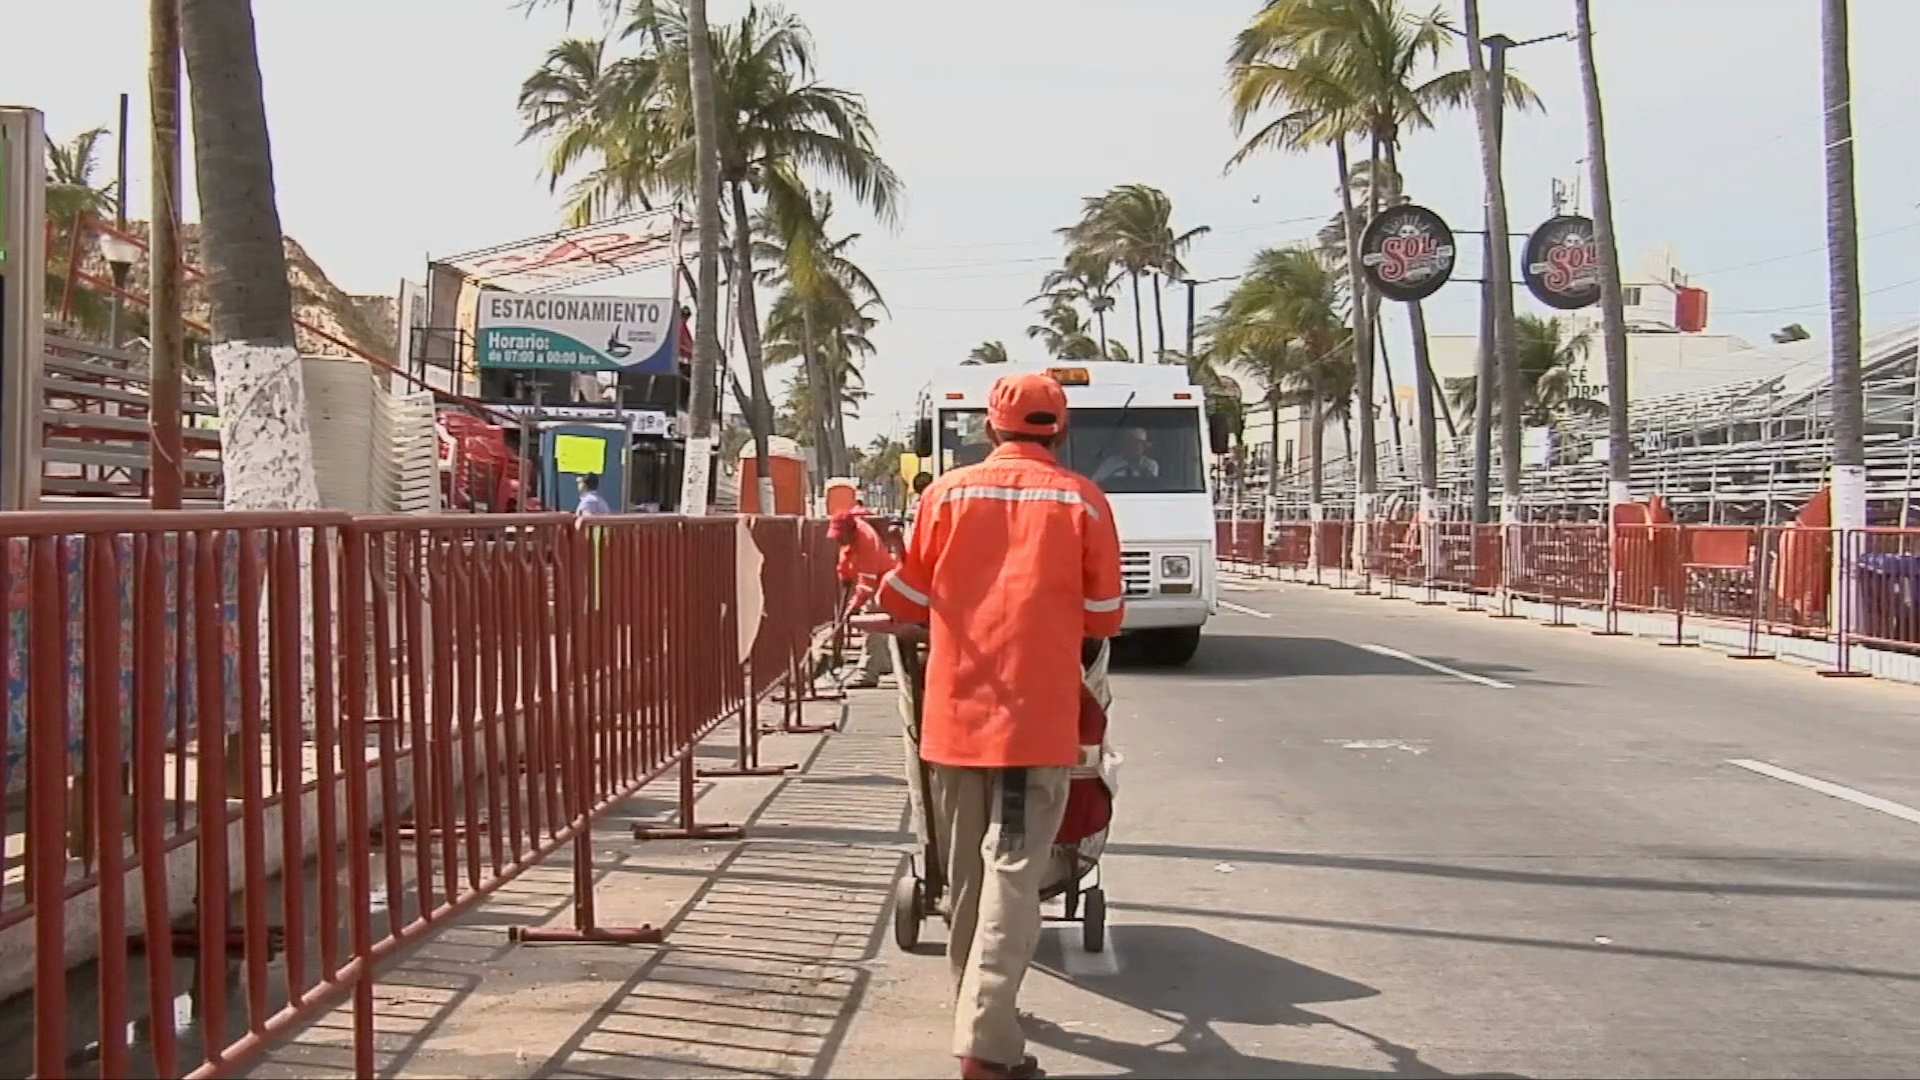 Cien personas trabajarán jornadas dobles durante el Carnaval de Veracruz